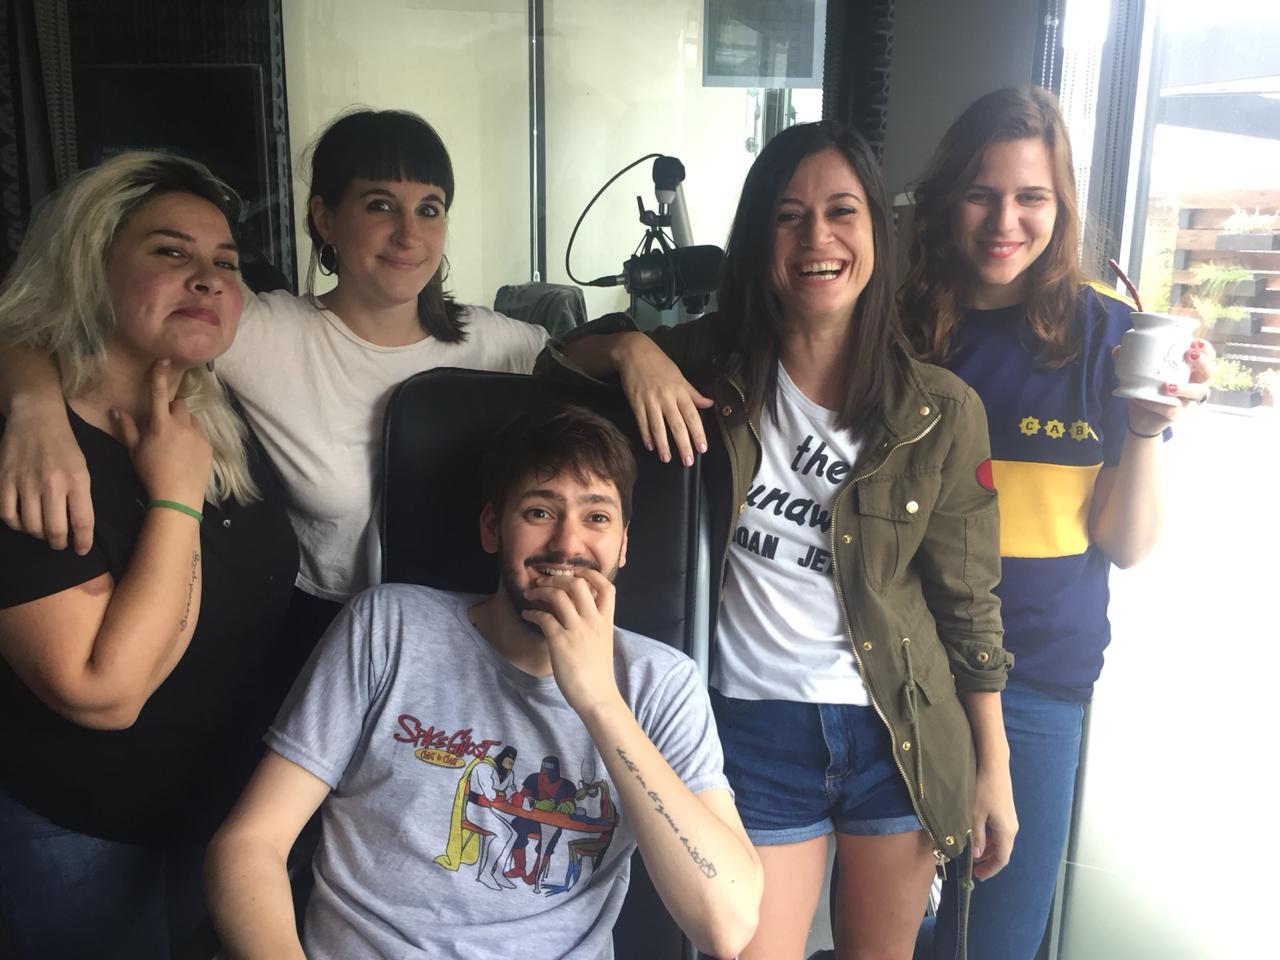 #Loimportante: series para ver según tu personalidad - Radio Cantilo